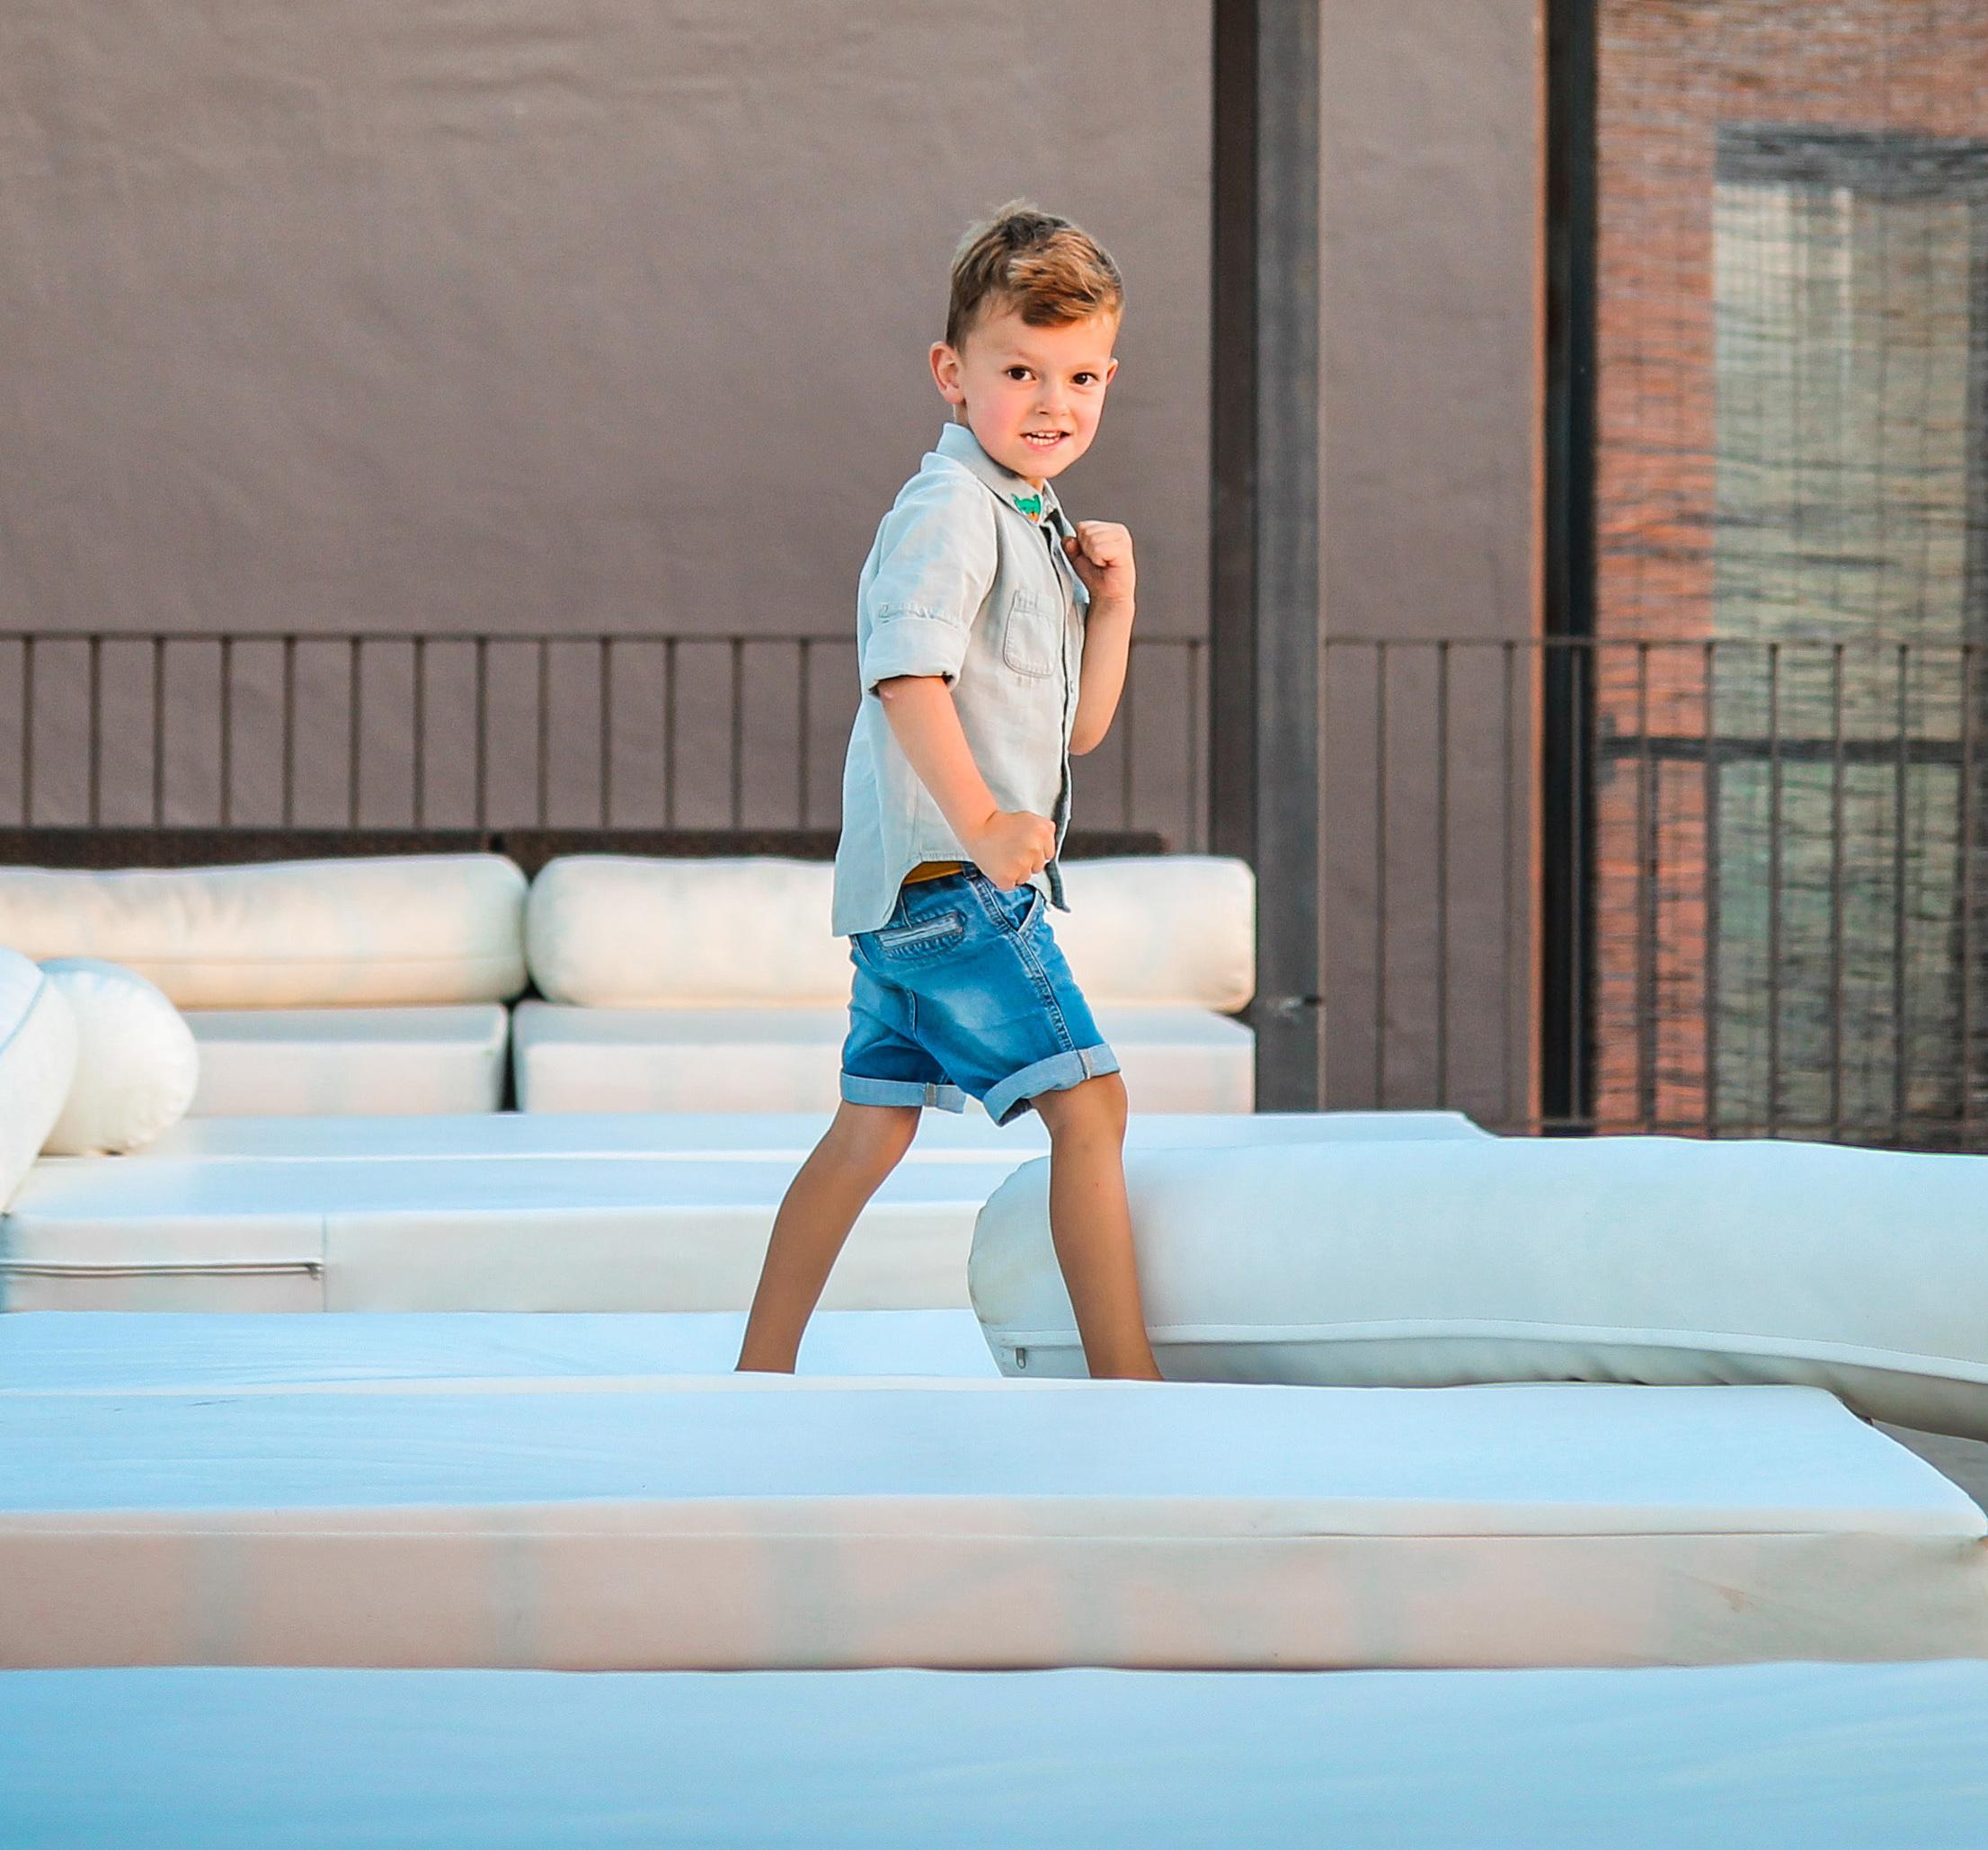 myboy - idyllische hotels - Castell d'Emporda - Reizen met kinderen